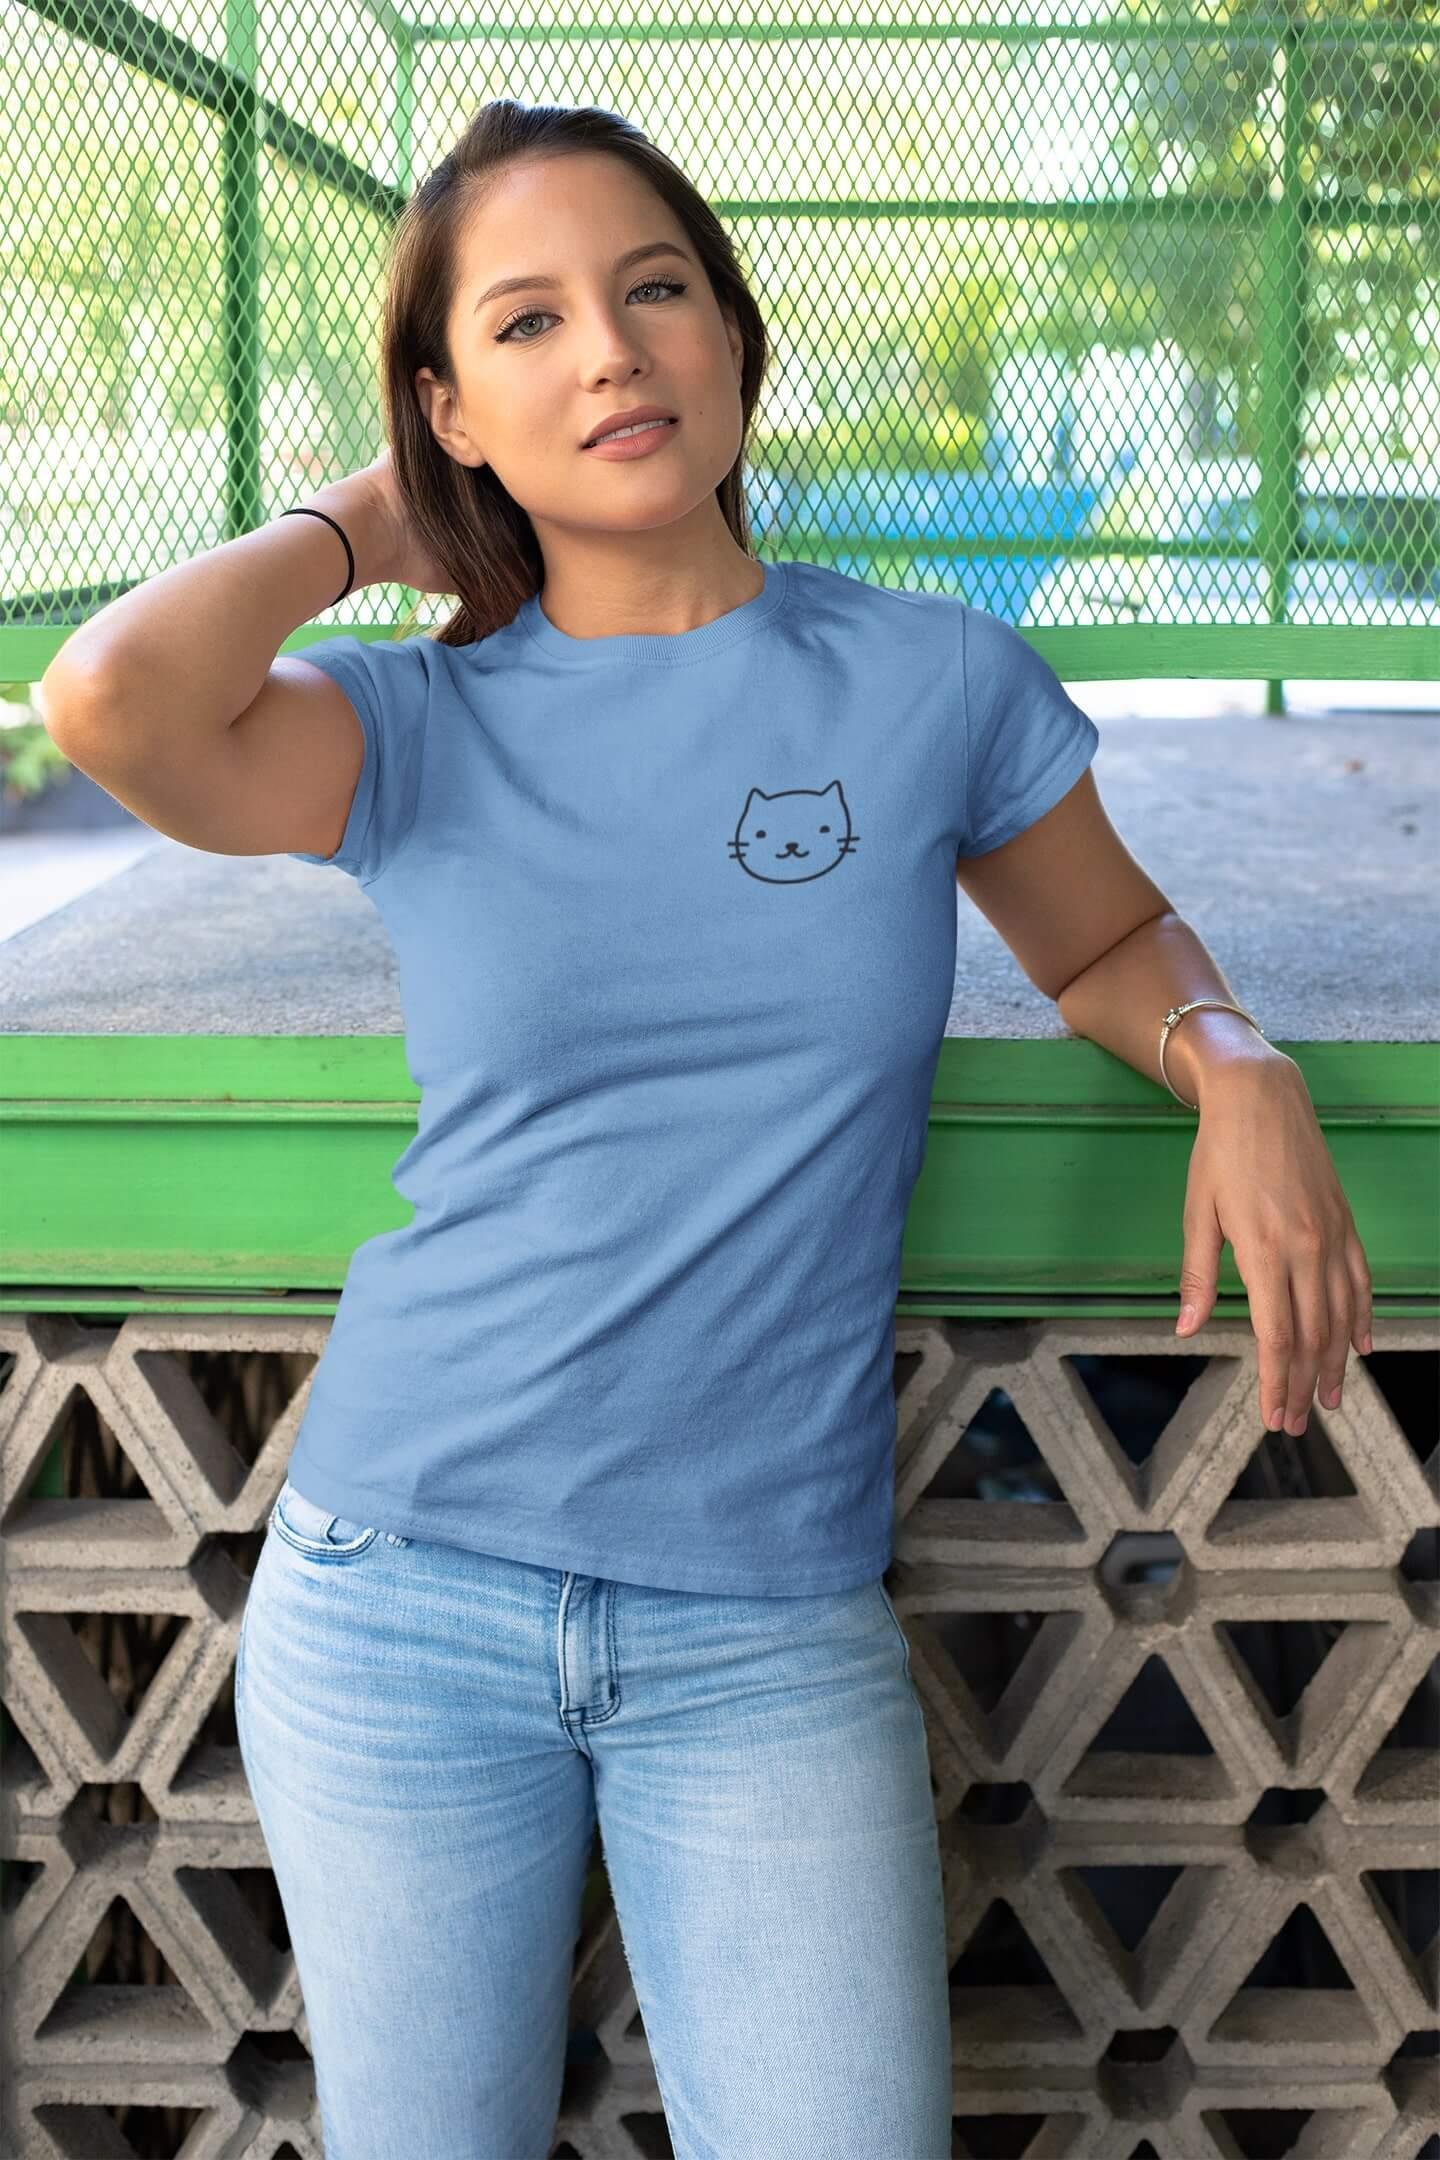 MMO Dámske tričko Mačka Vyberte farbu: Svetlomodrá, Dámska veľkosť: S